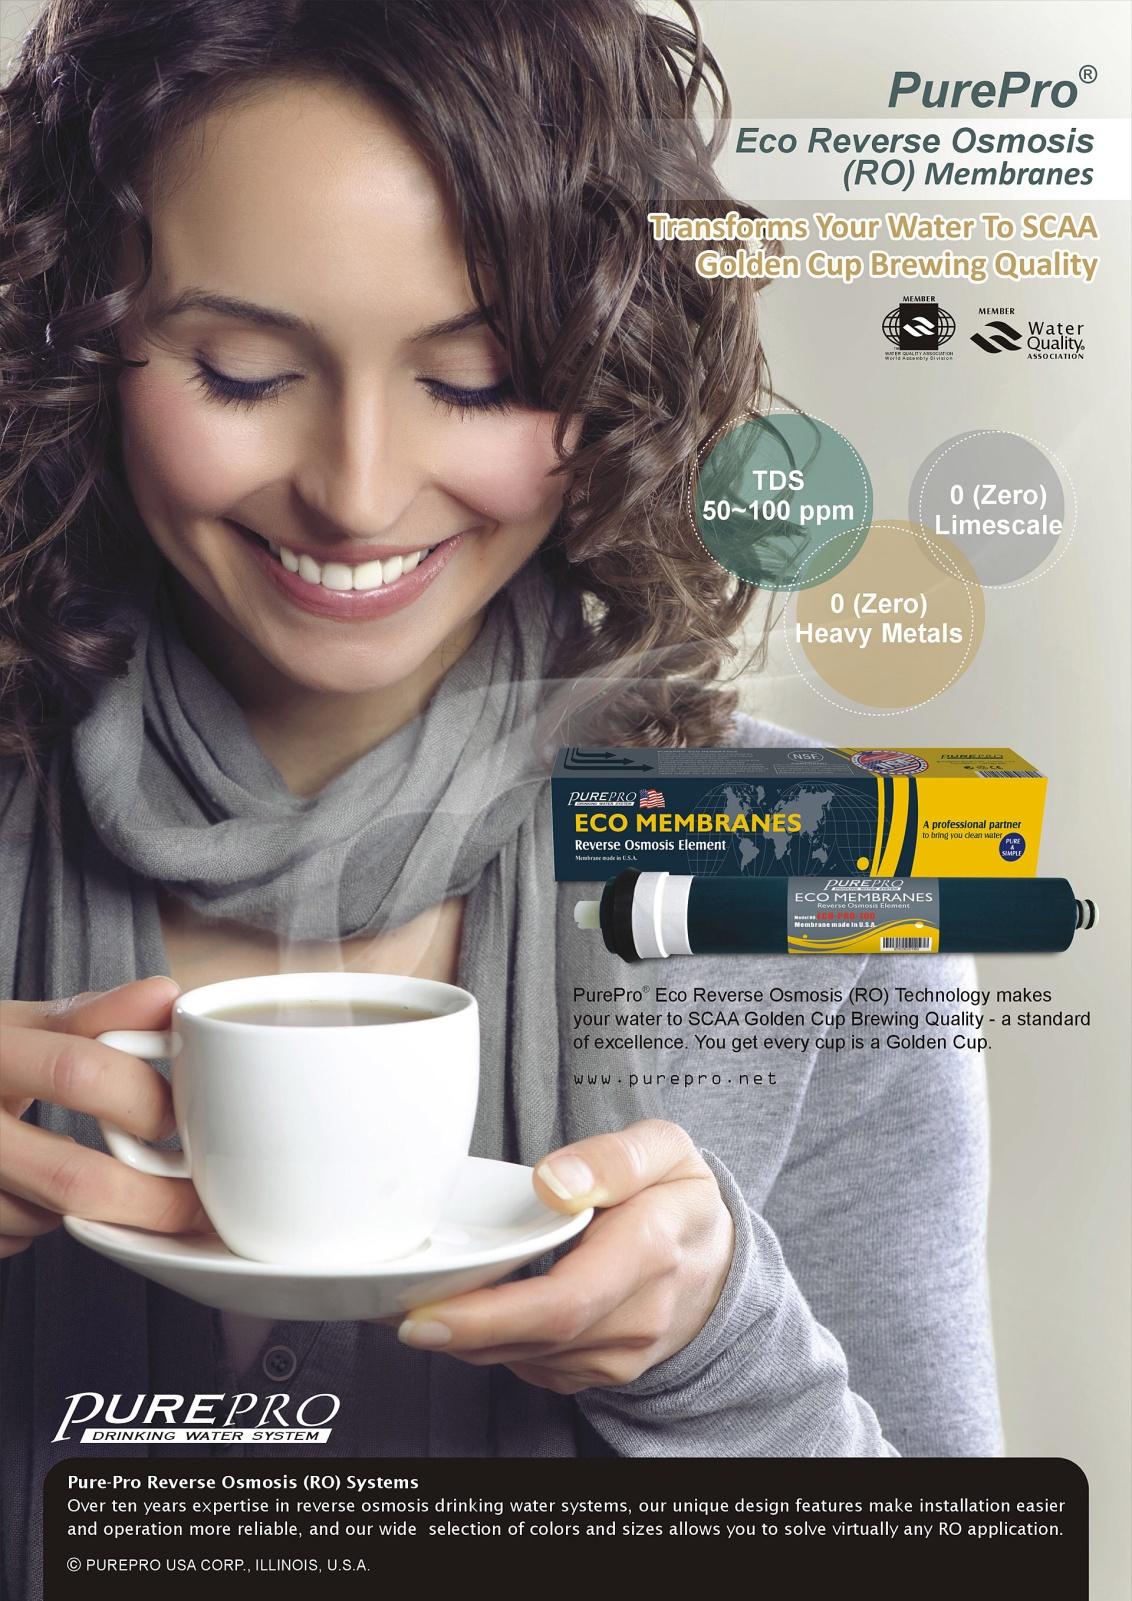 全新配備具礦物保護技術的新一代逆滲透膜:  美國 PurePro® X6  十大最佳淨水器之一